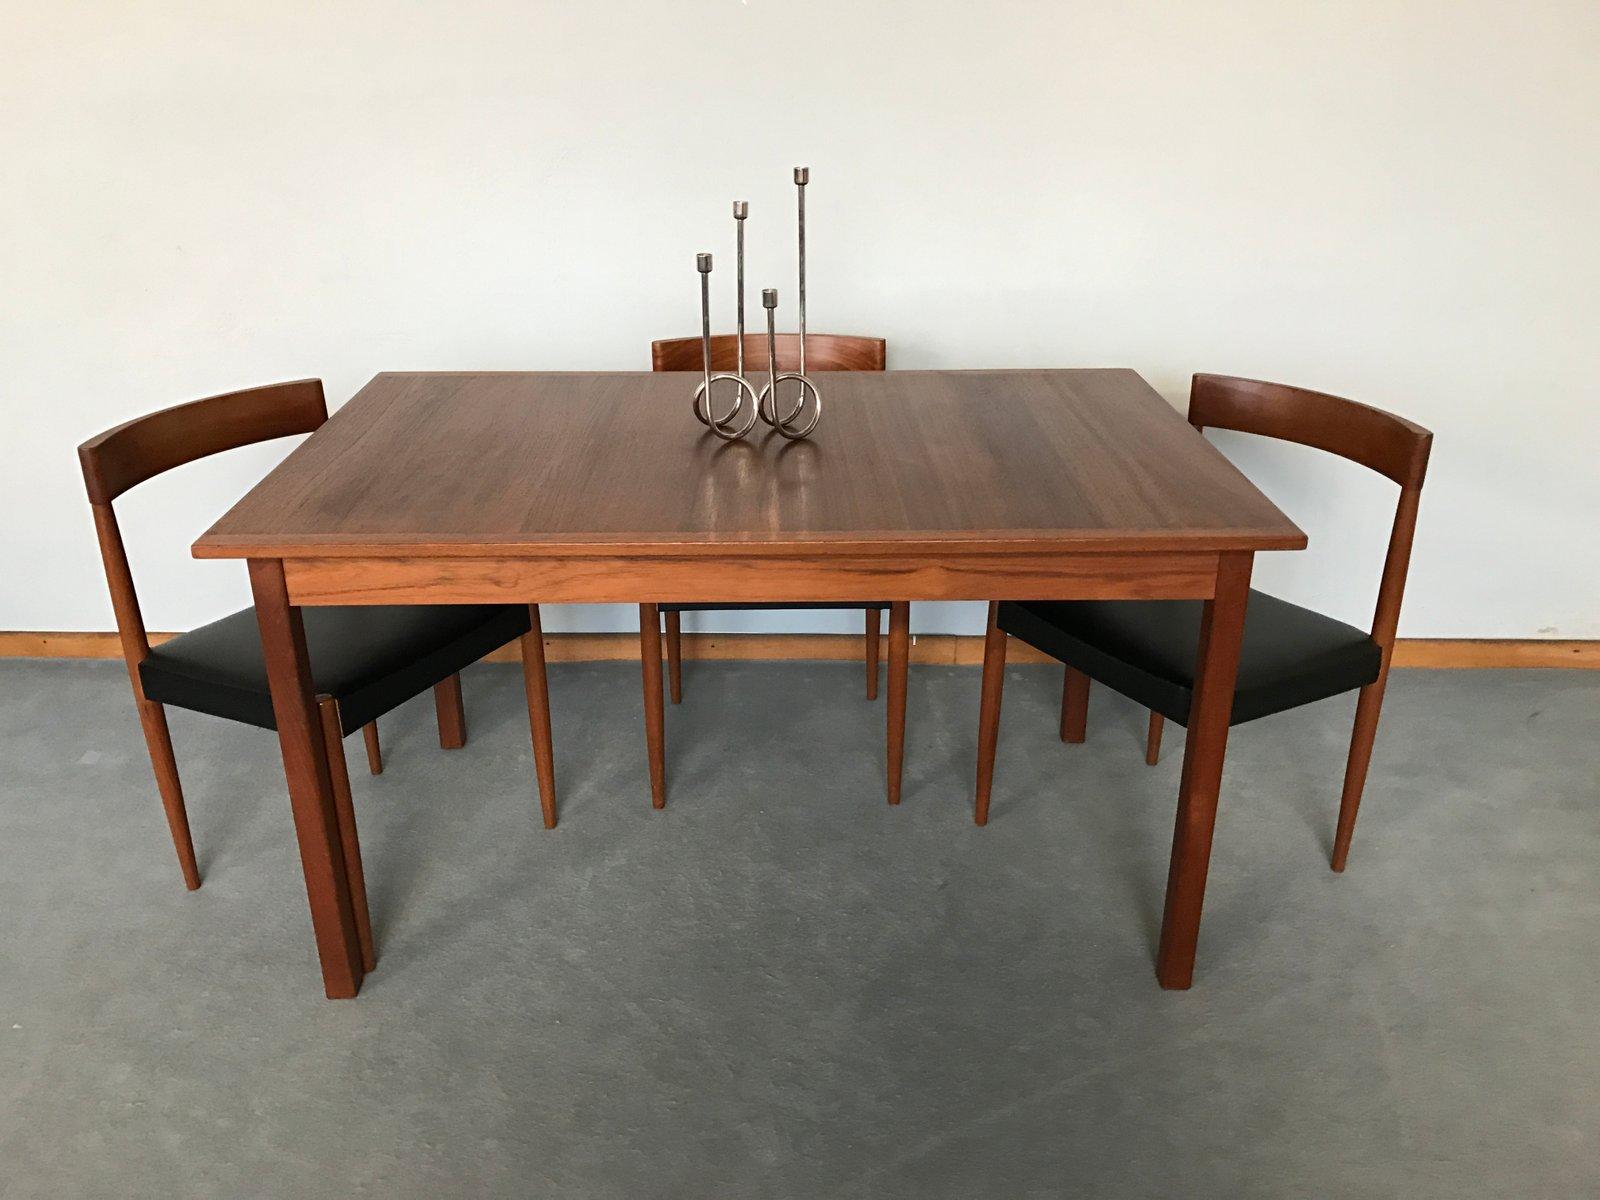 Vintage Scandinavian Teak Dining Table by Nils Jonsson for  : vintage scandinavian teak dining table by nils jonsson 5 from www.pamono.com.au size 1600 x 1200 jpeg 111kB